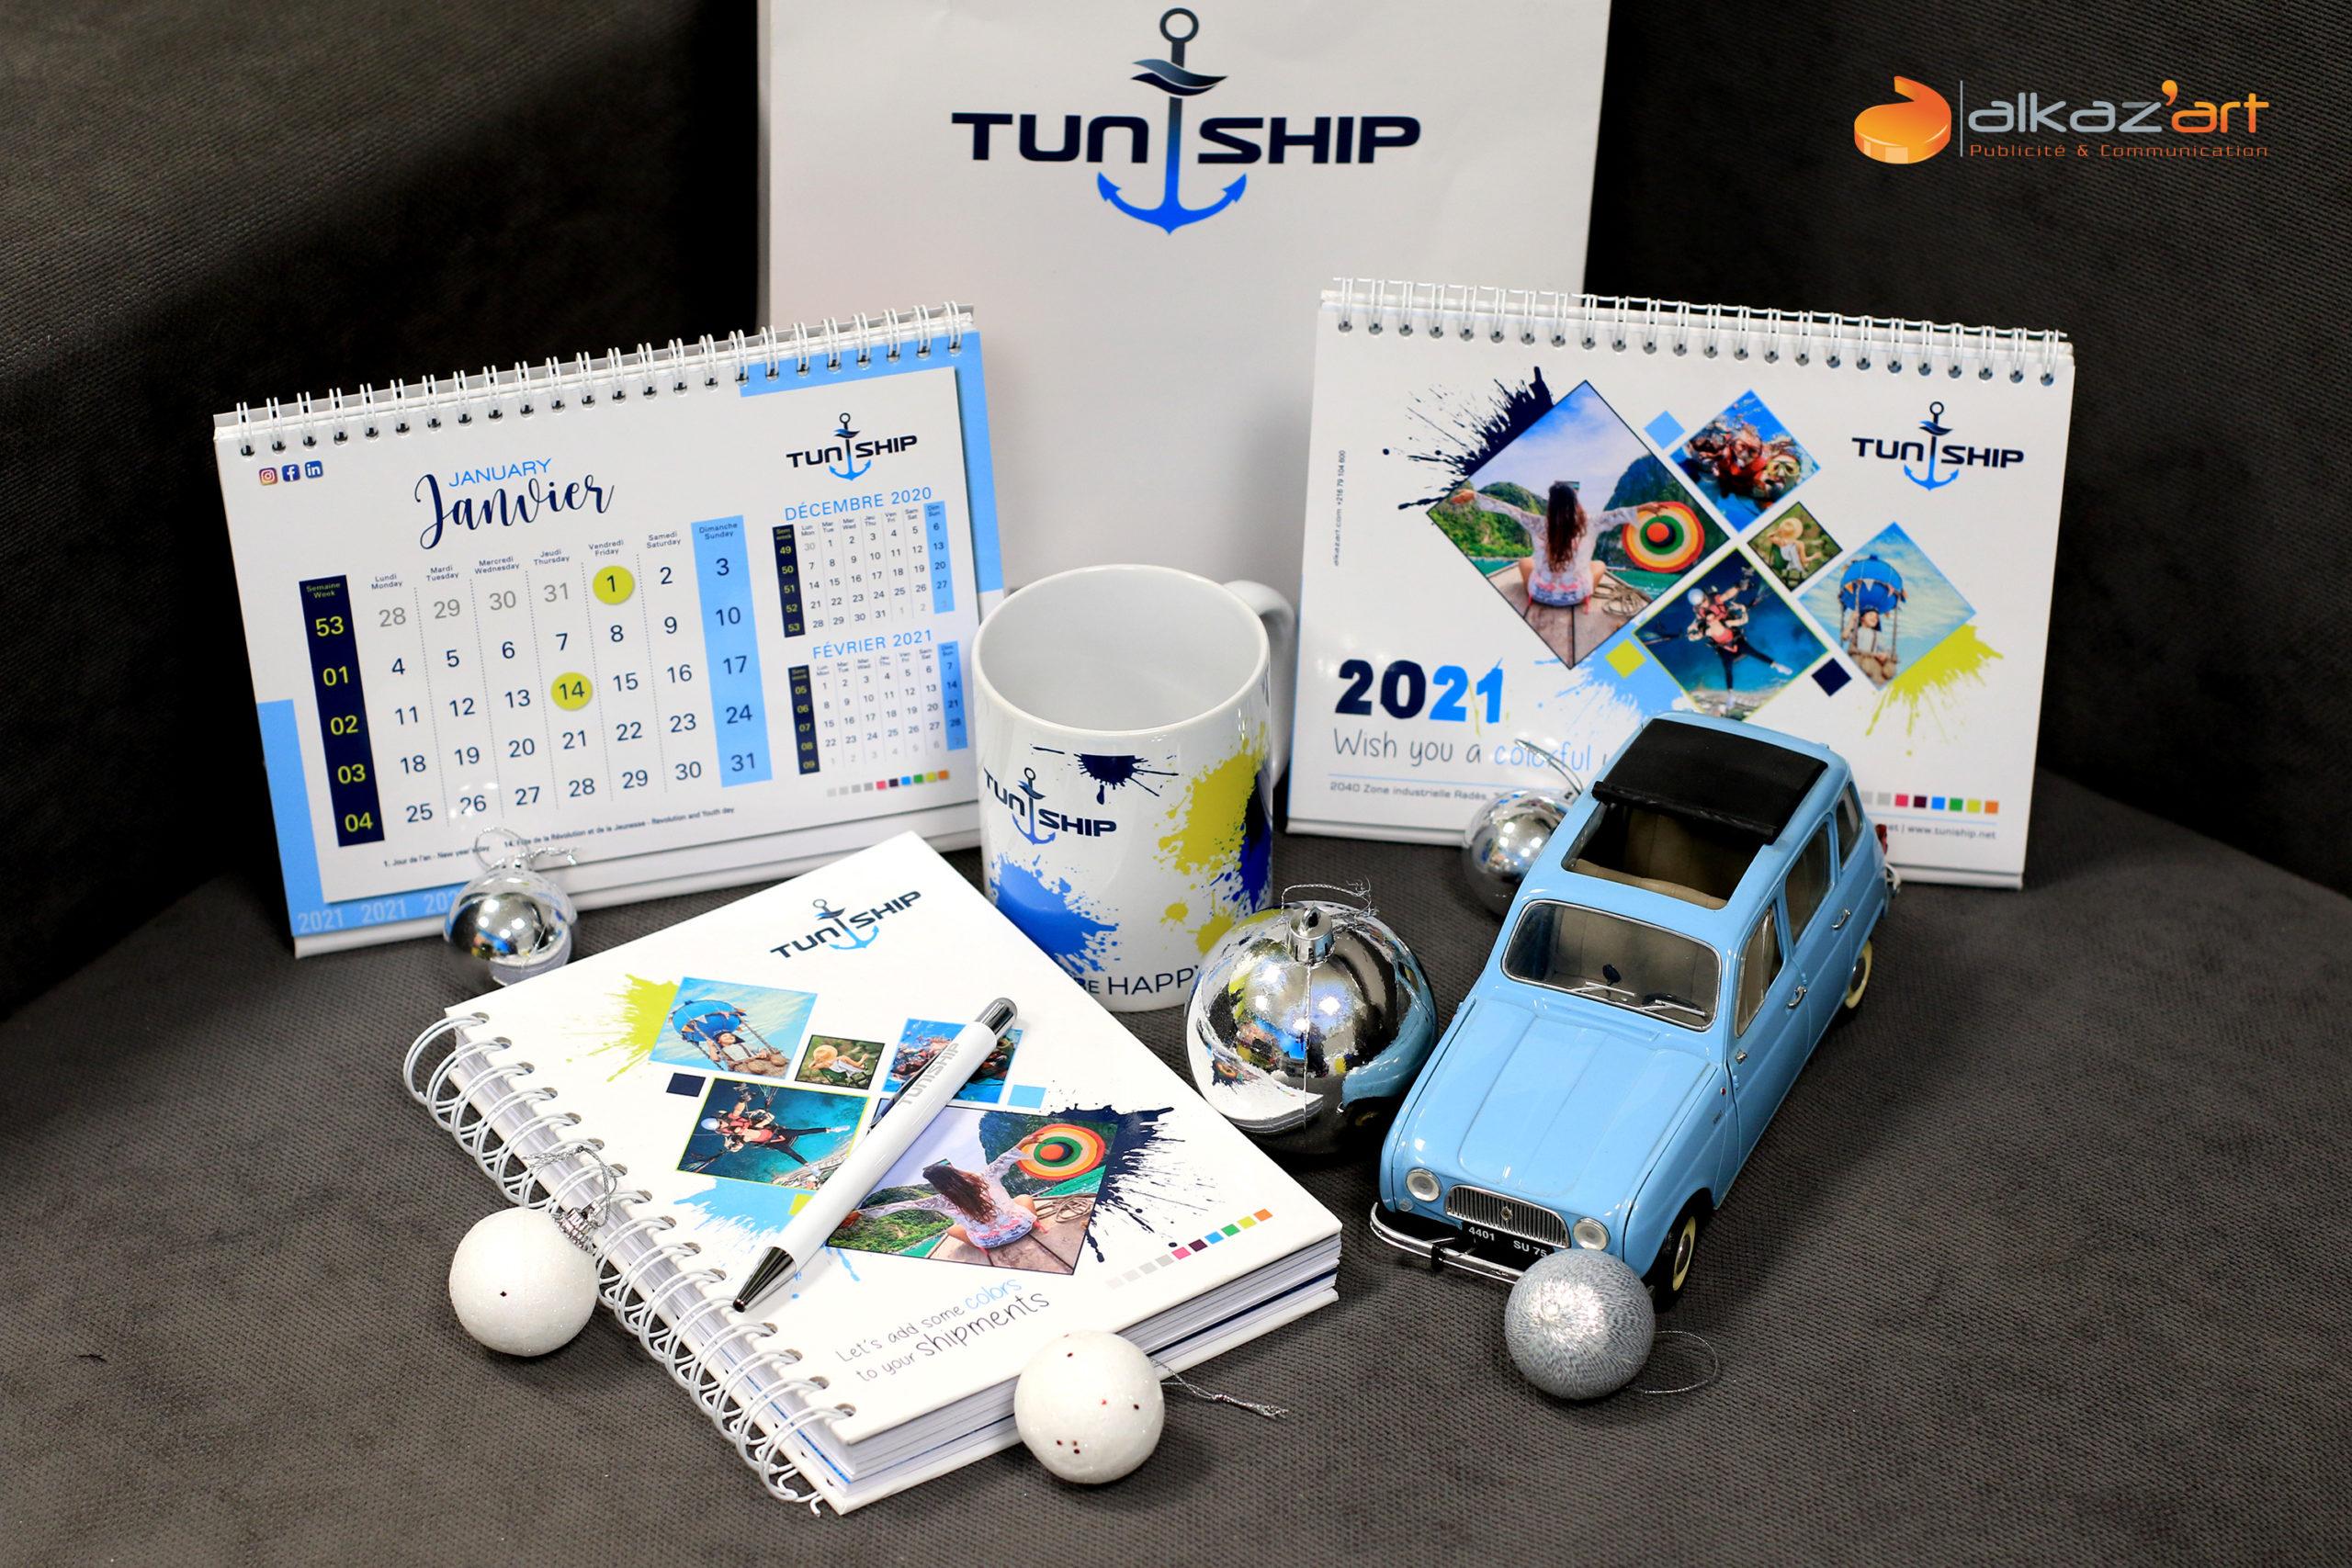 TUNISHIP 2021